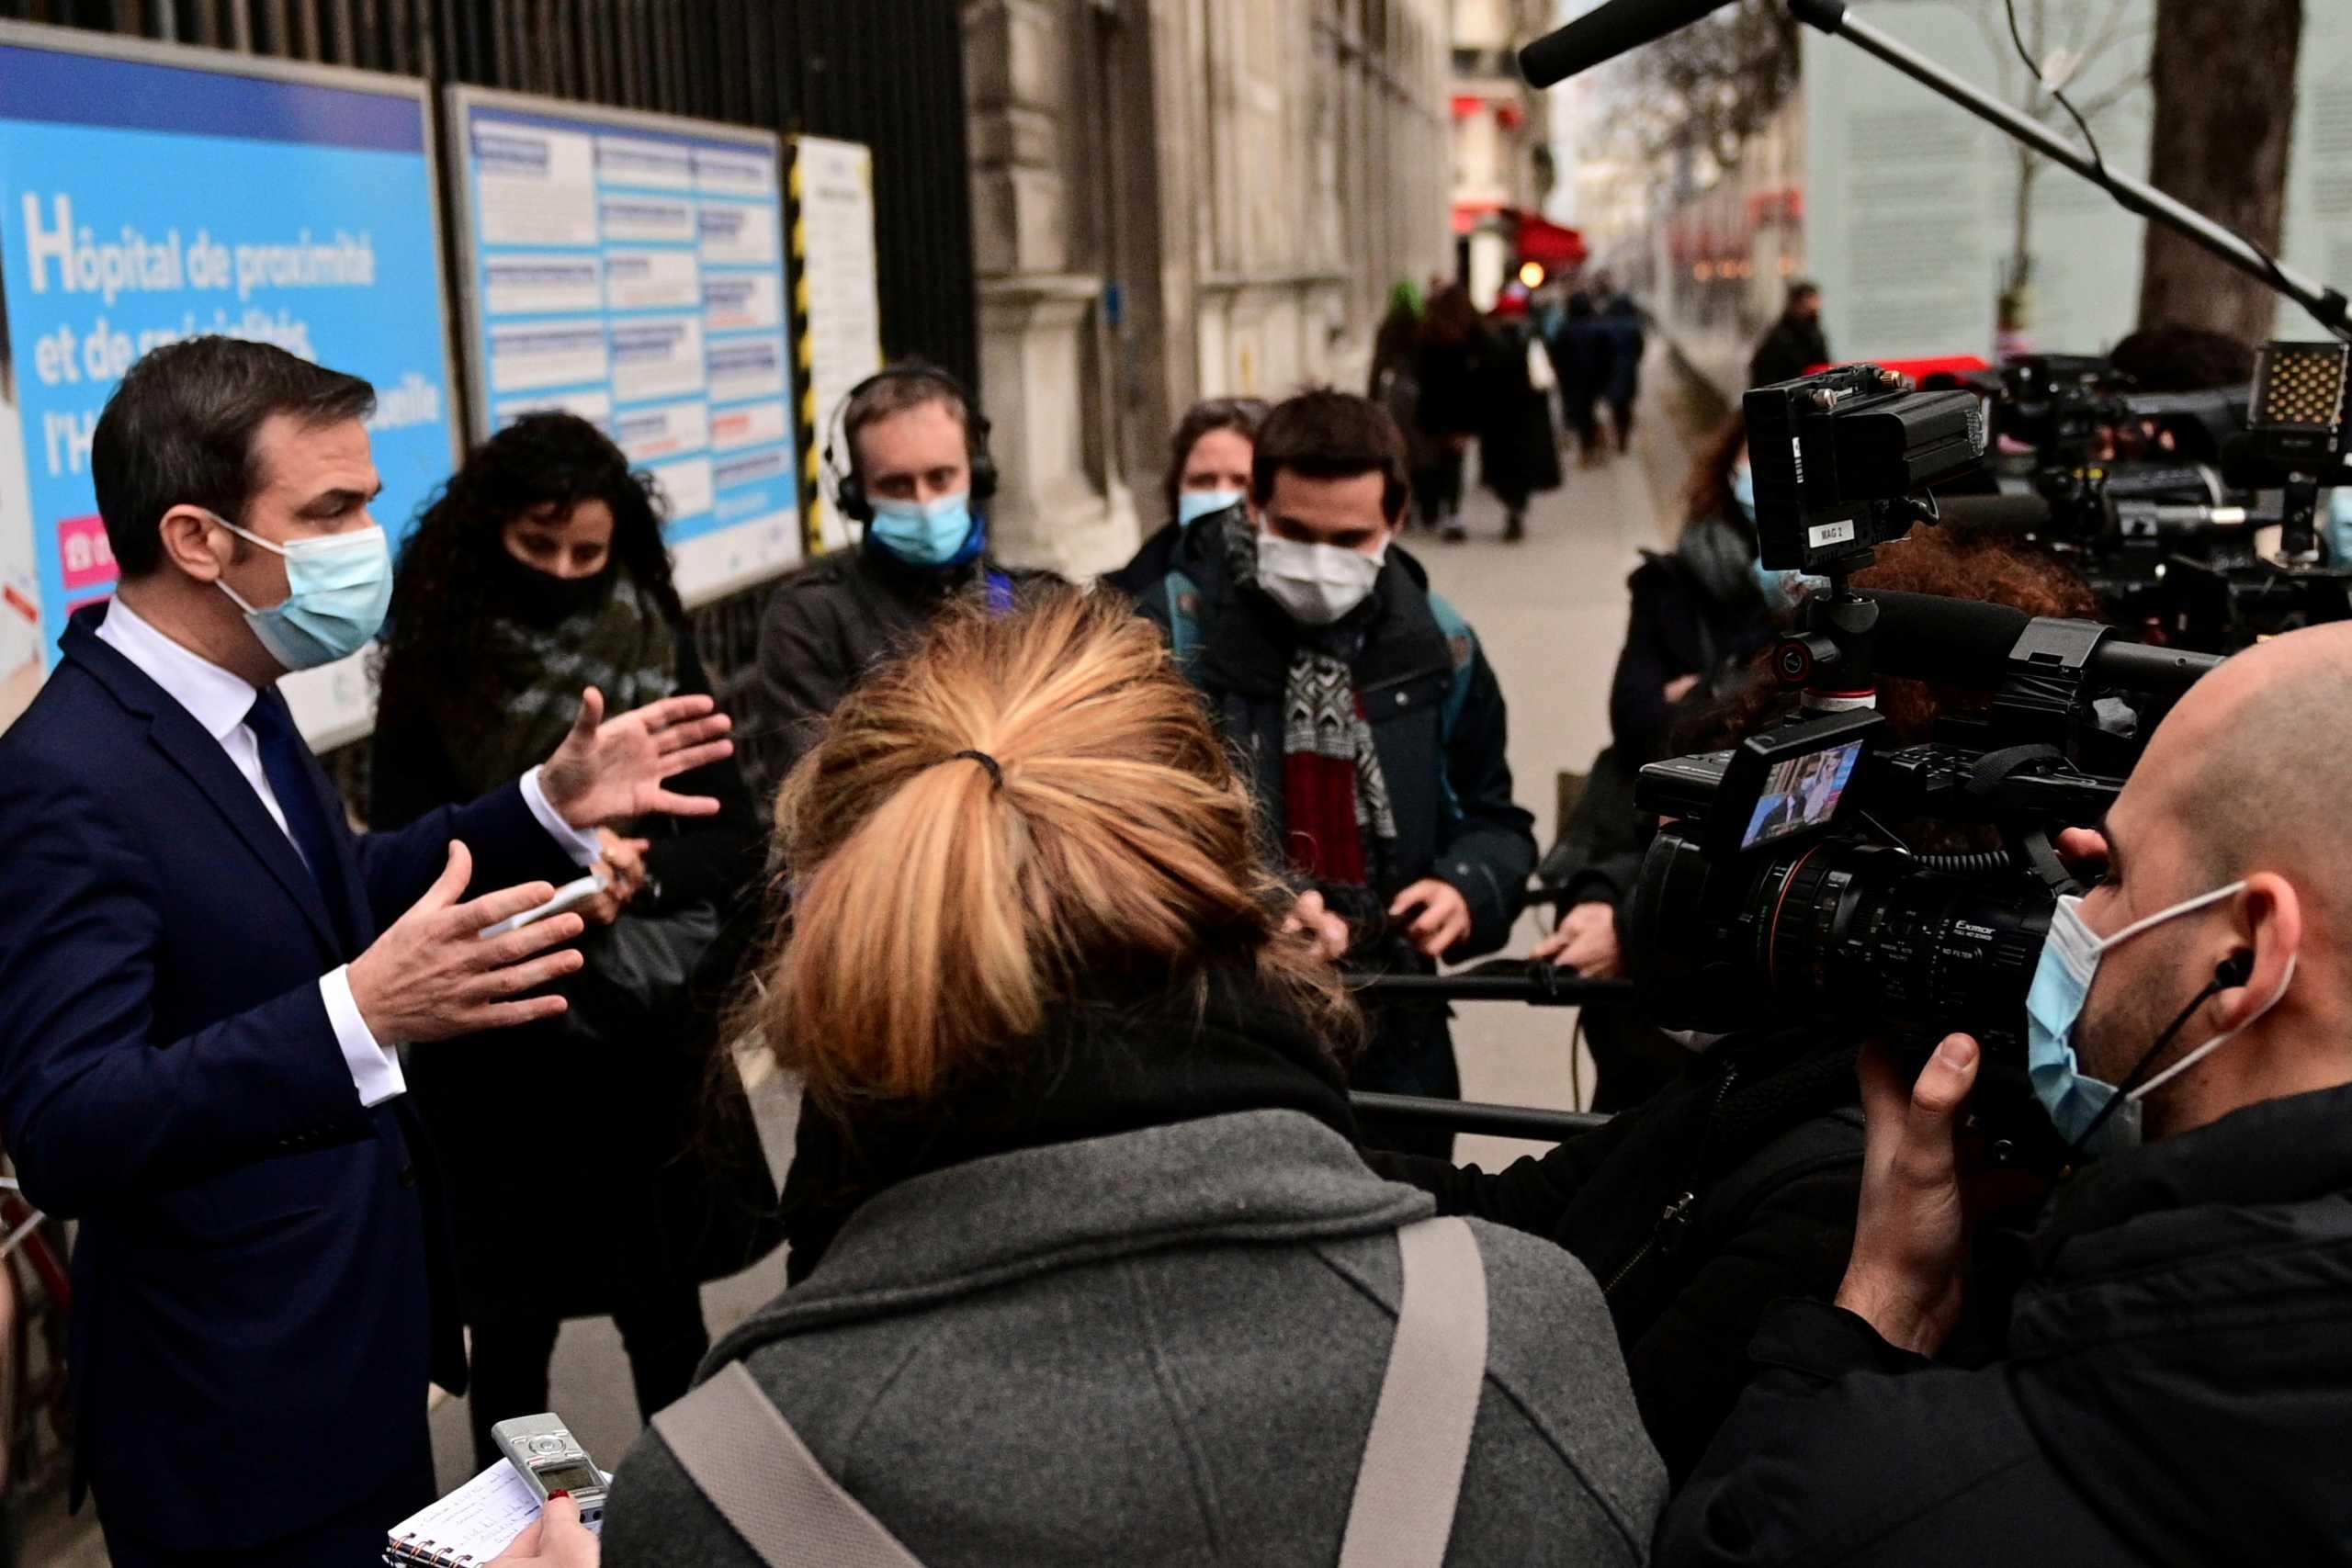 Κορονοϊός: Η Γαλλία επιταχύνει τους εμβολιασμούς